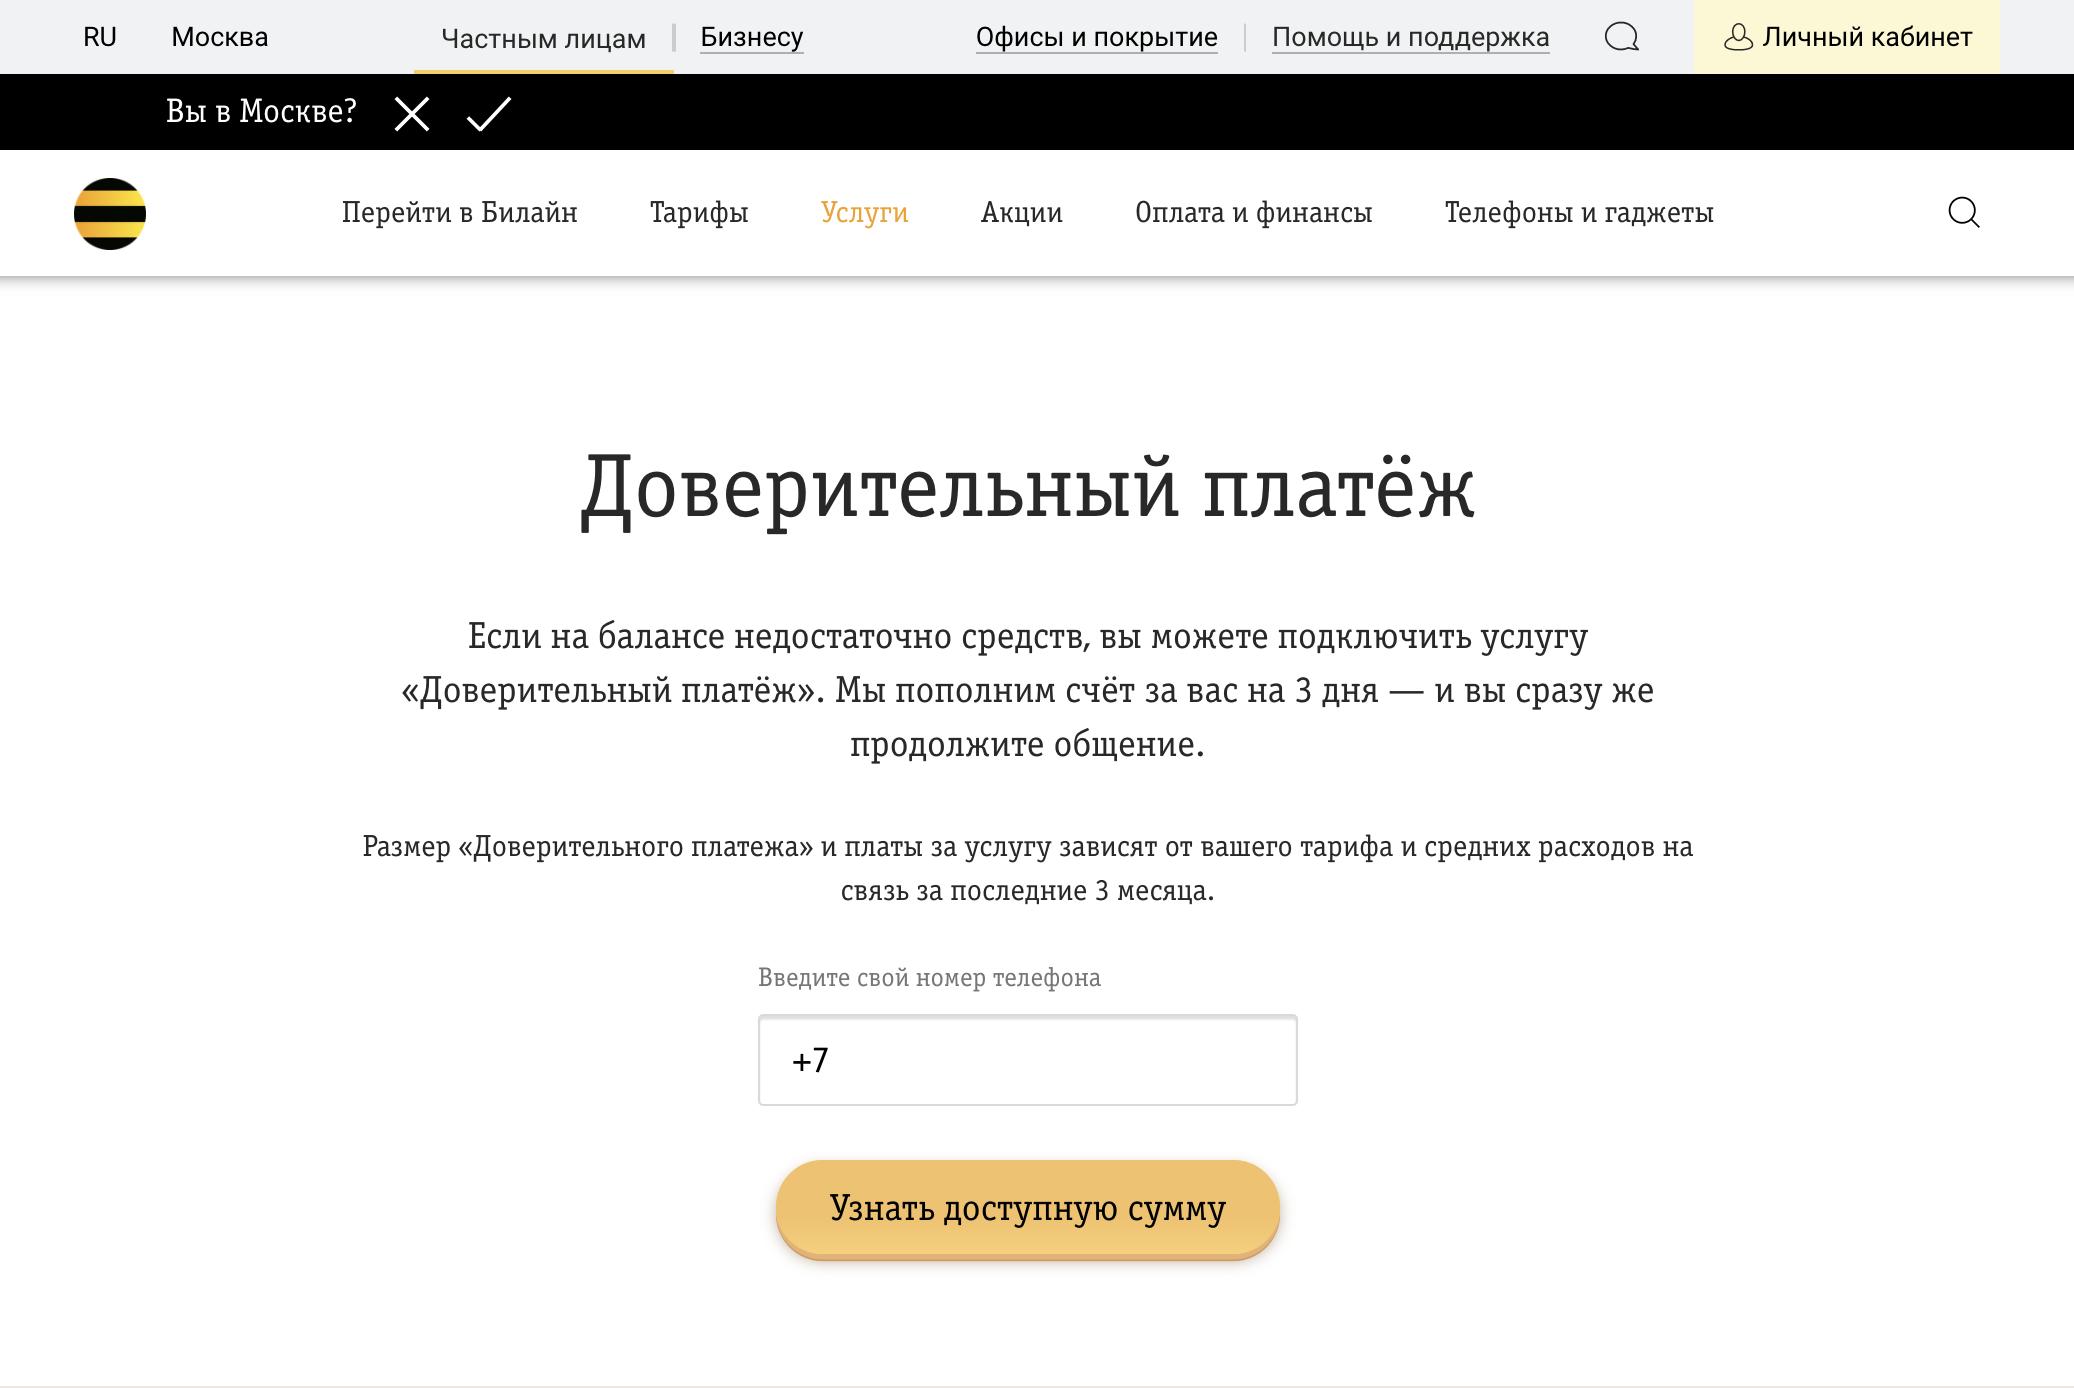 как взять в долг на билайн 100 рублей